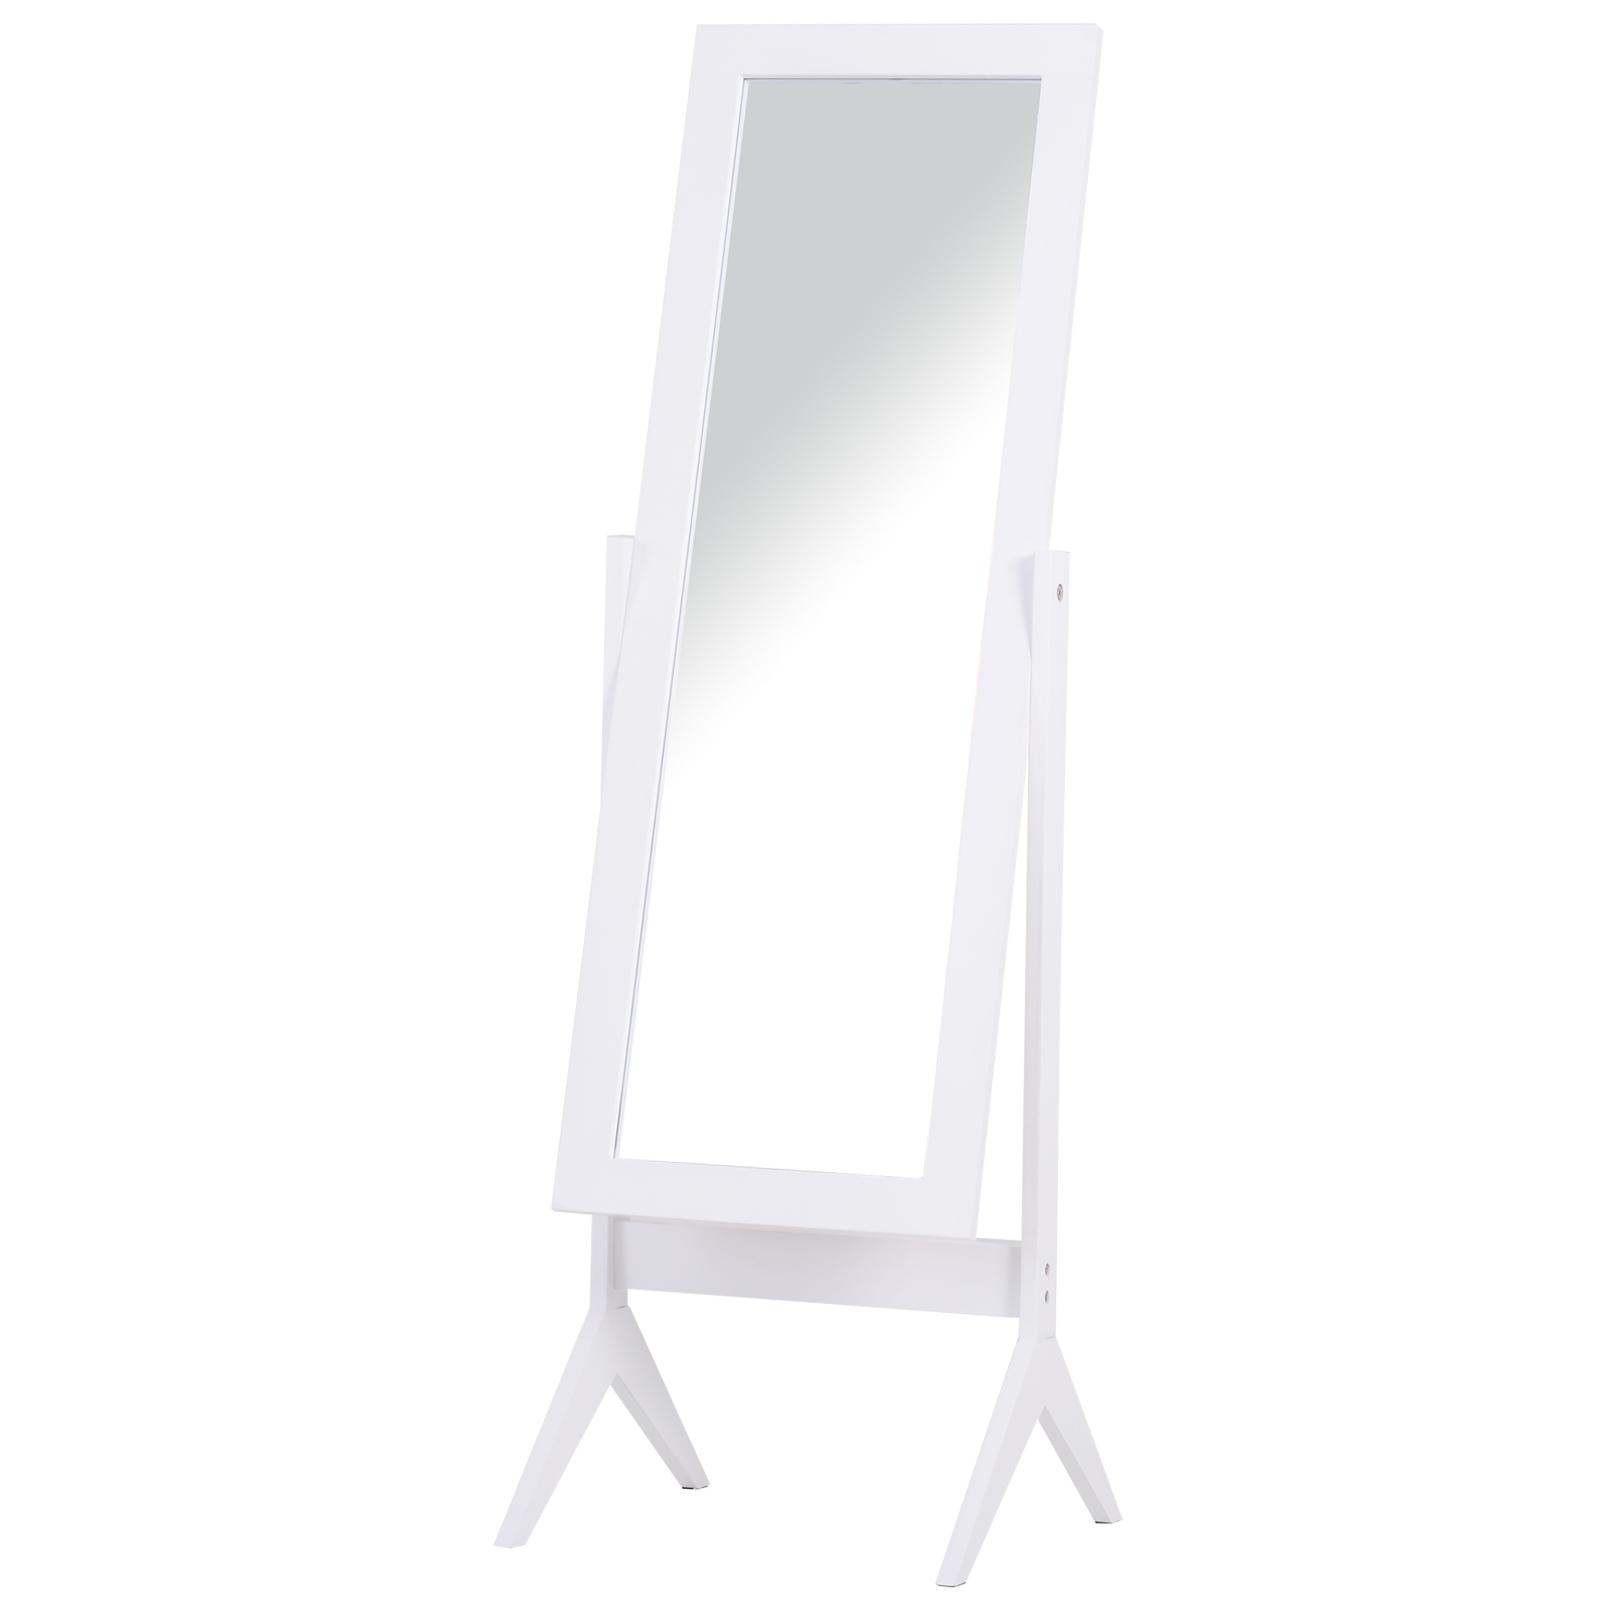 Miroir à pied inclinaison réglable blanc H148cm